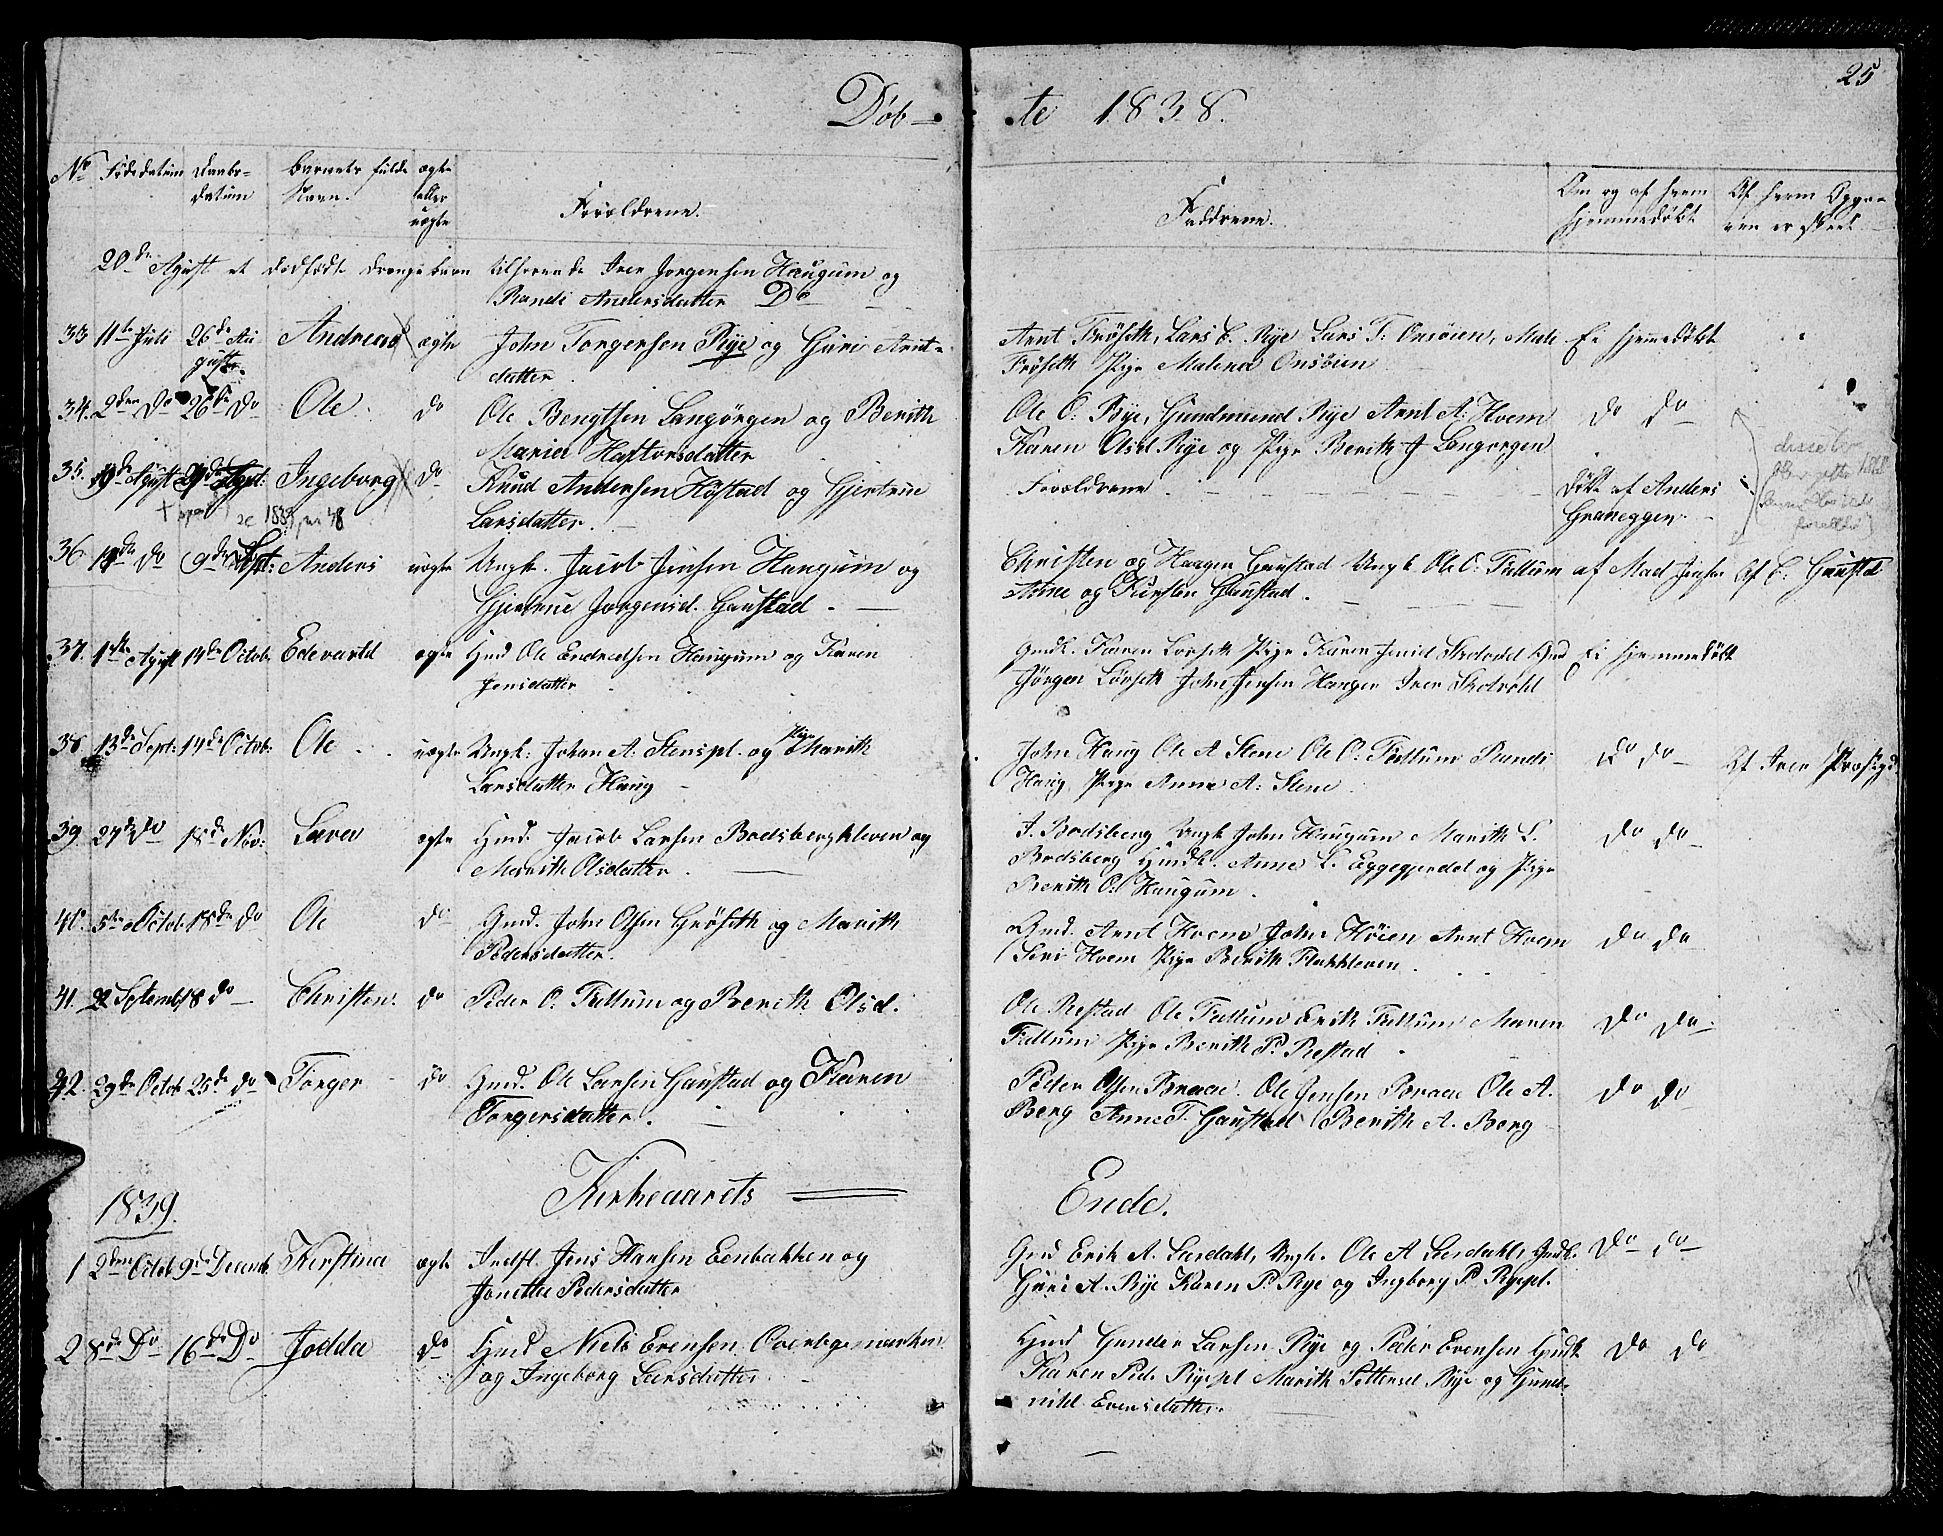 SAT, Ministerialprotokoller, klokkerbøker og fødselsregistre - Sør-Trøndelag, 612/L0386: Klokkerbok nr. 612C02, 1834-1845, s. 25